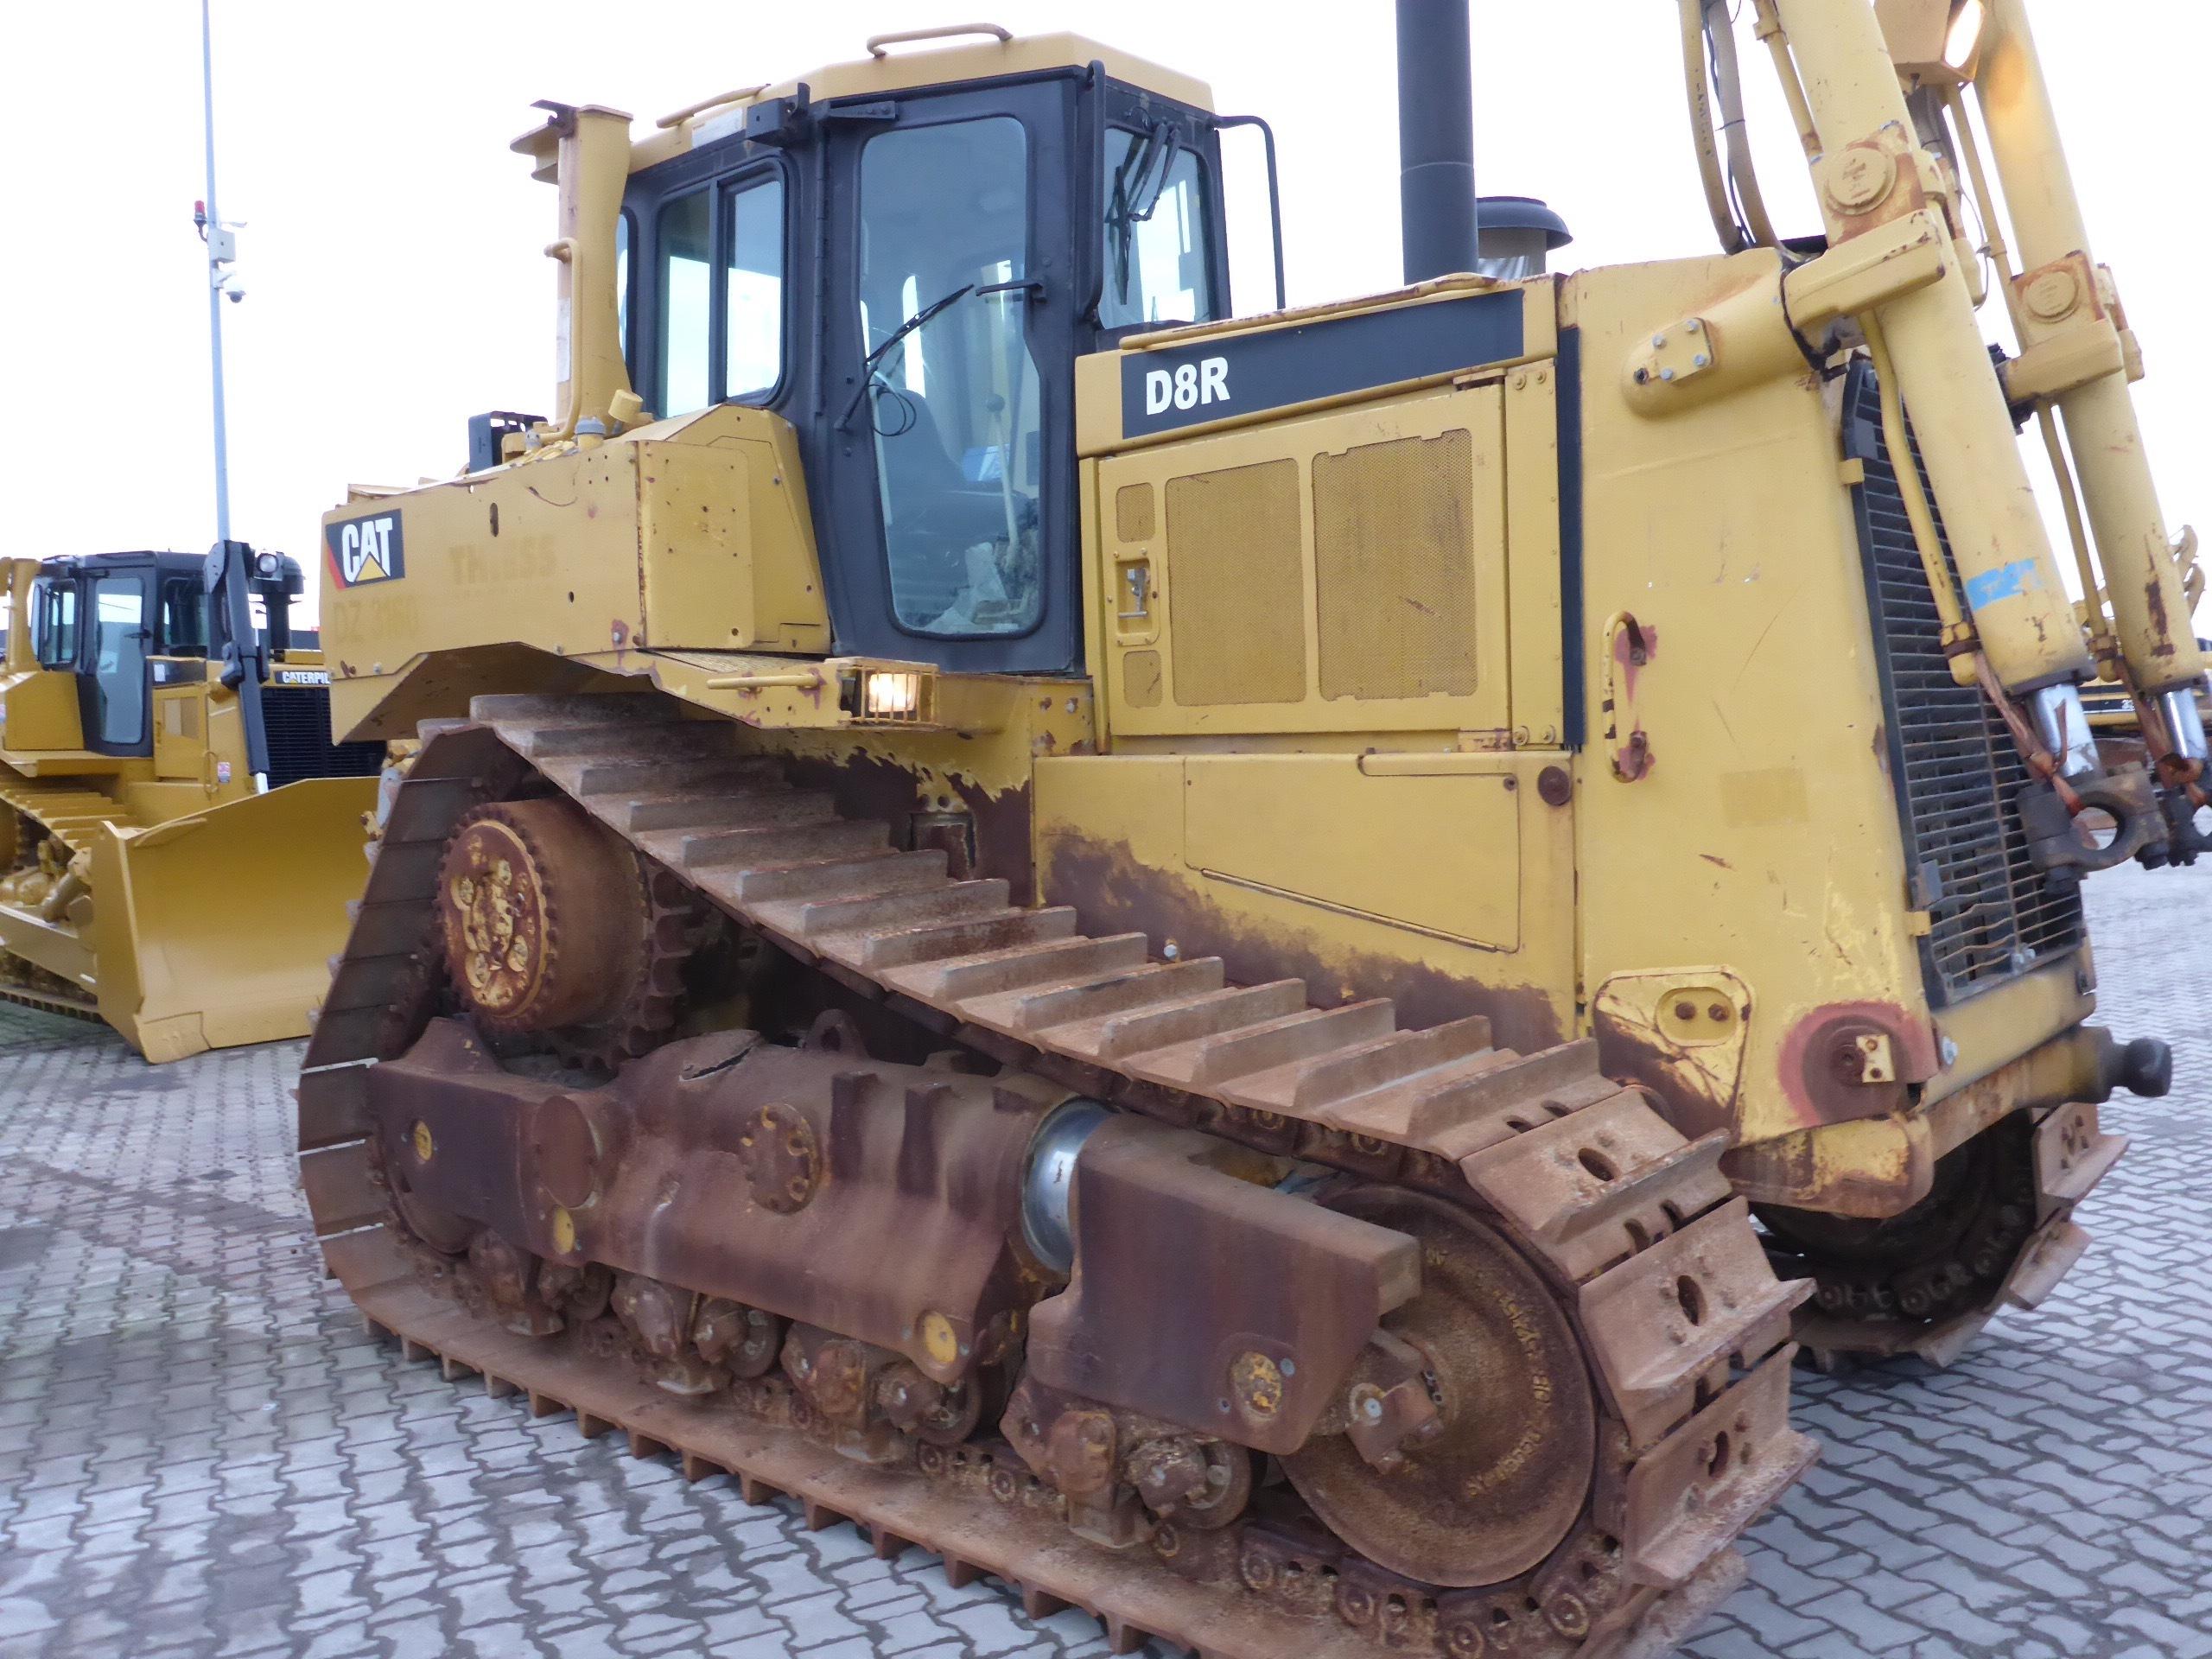 2008 - Caterpillar D8R